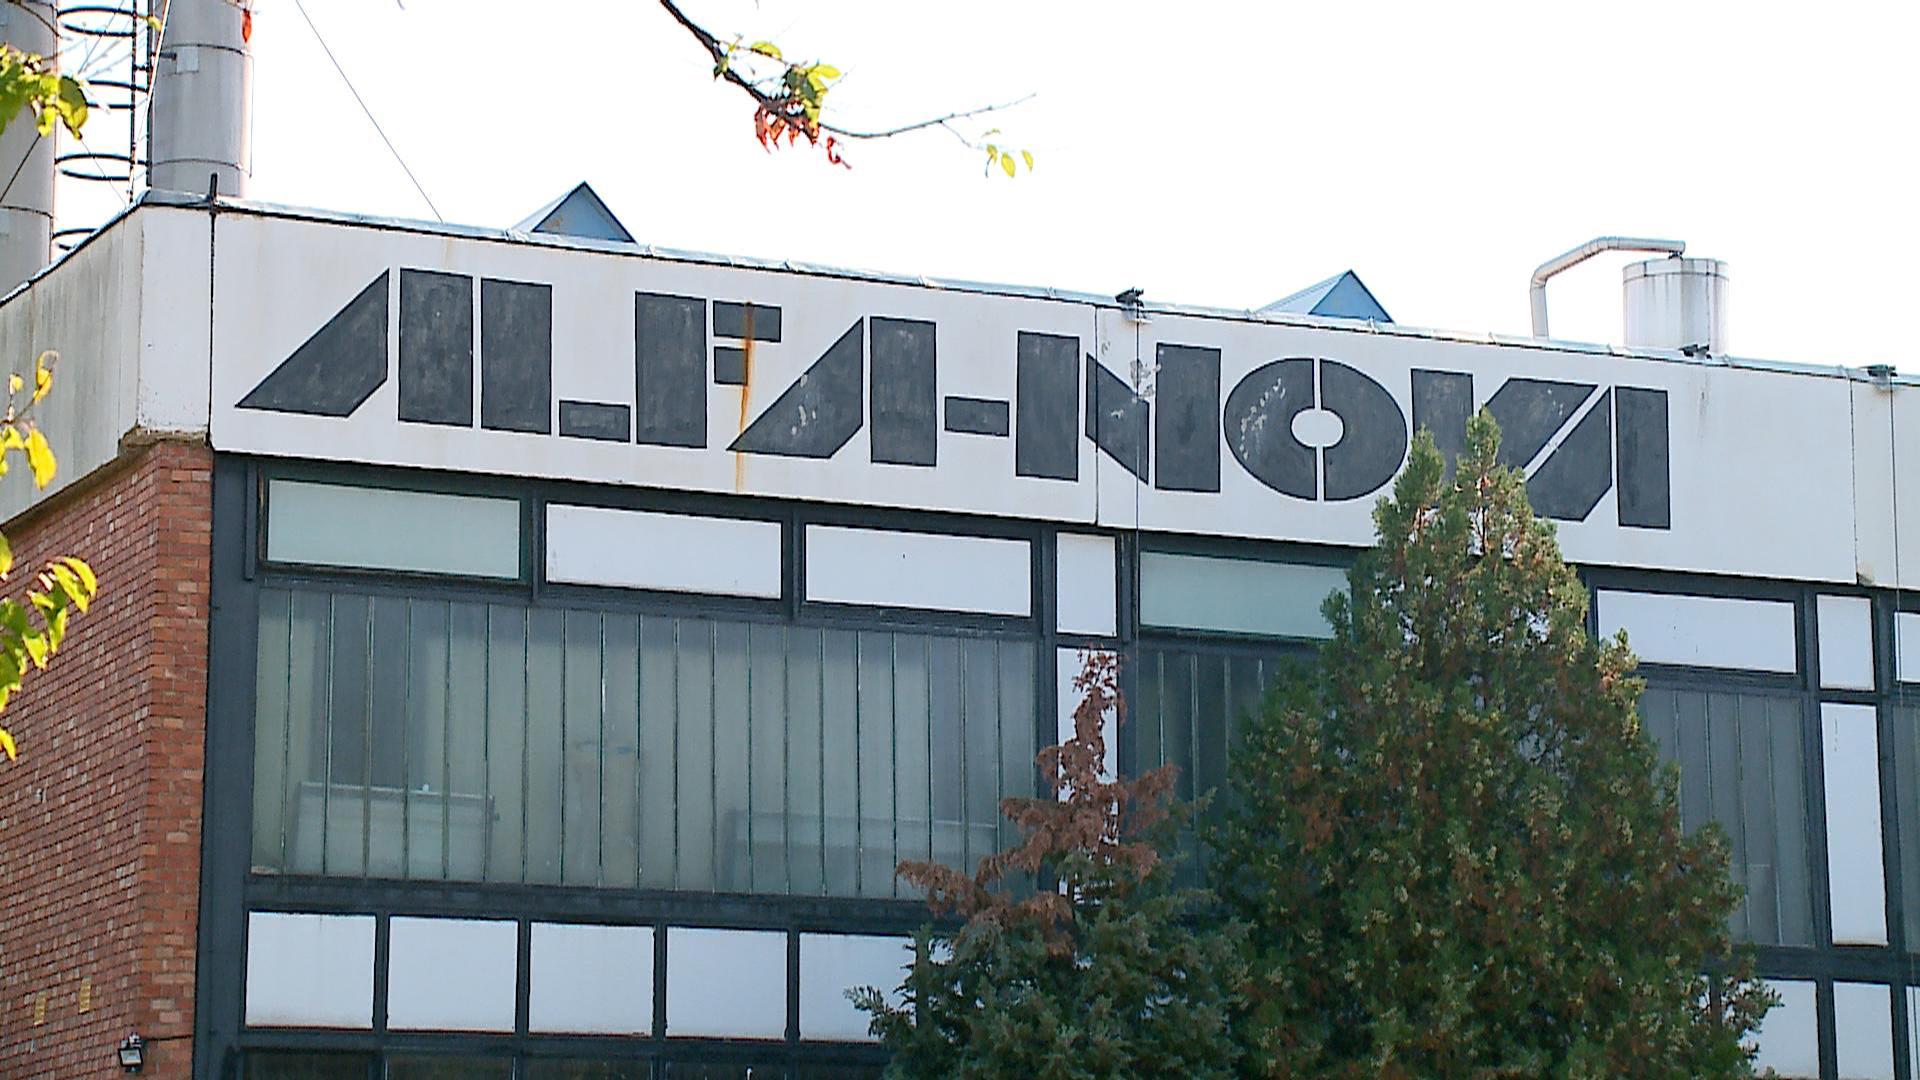 Hamarosan elszámoló számlákat küld az Alfa Nova